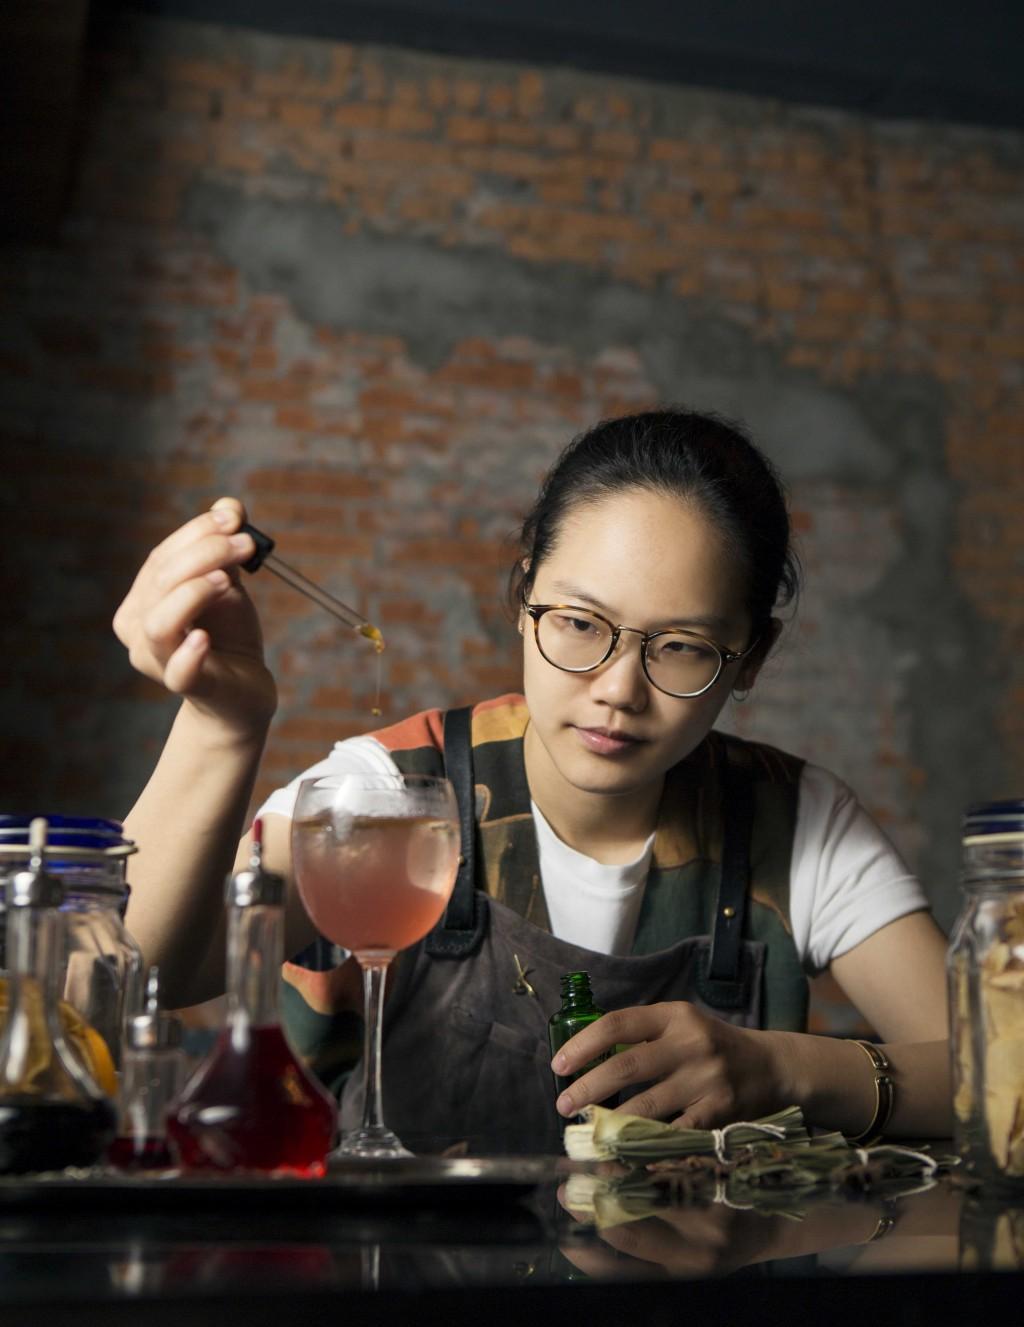 新北第一景觀餐廳《Asia 49亞洲料理及酒廊》東區超人氣CLOSET吧檯經理劉欣蓓客座